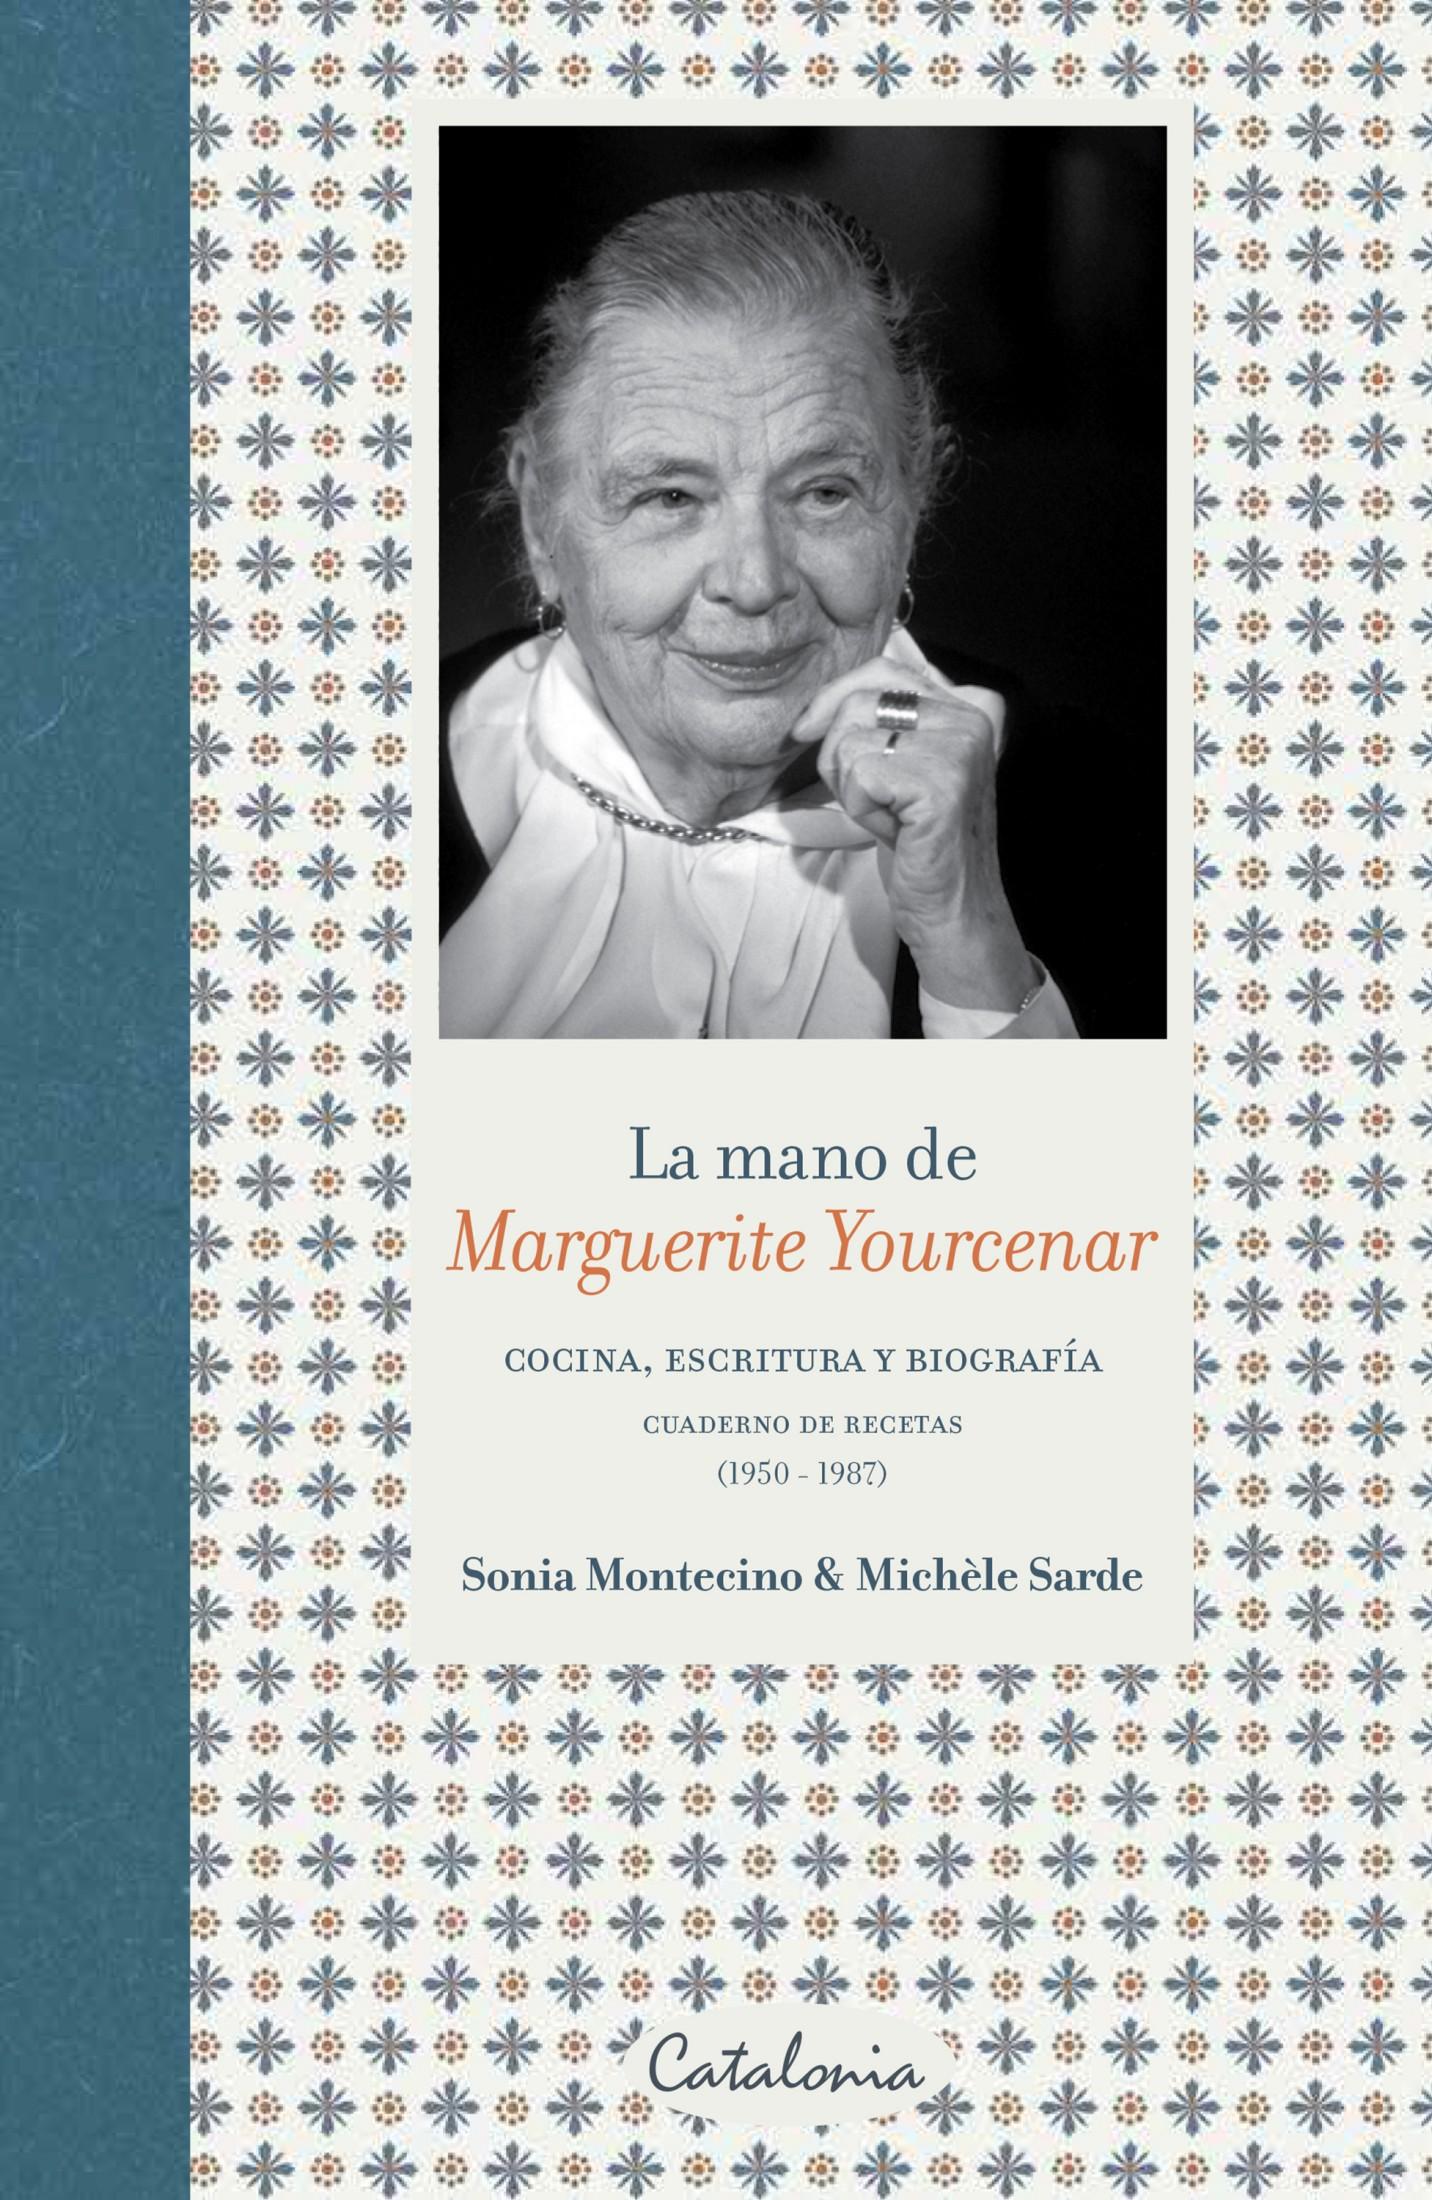 La mano de Marguerite Yourcenar: Cocina, escritura y biografía. Cuaderno de recetas (1950-1987)